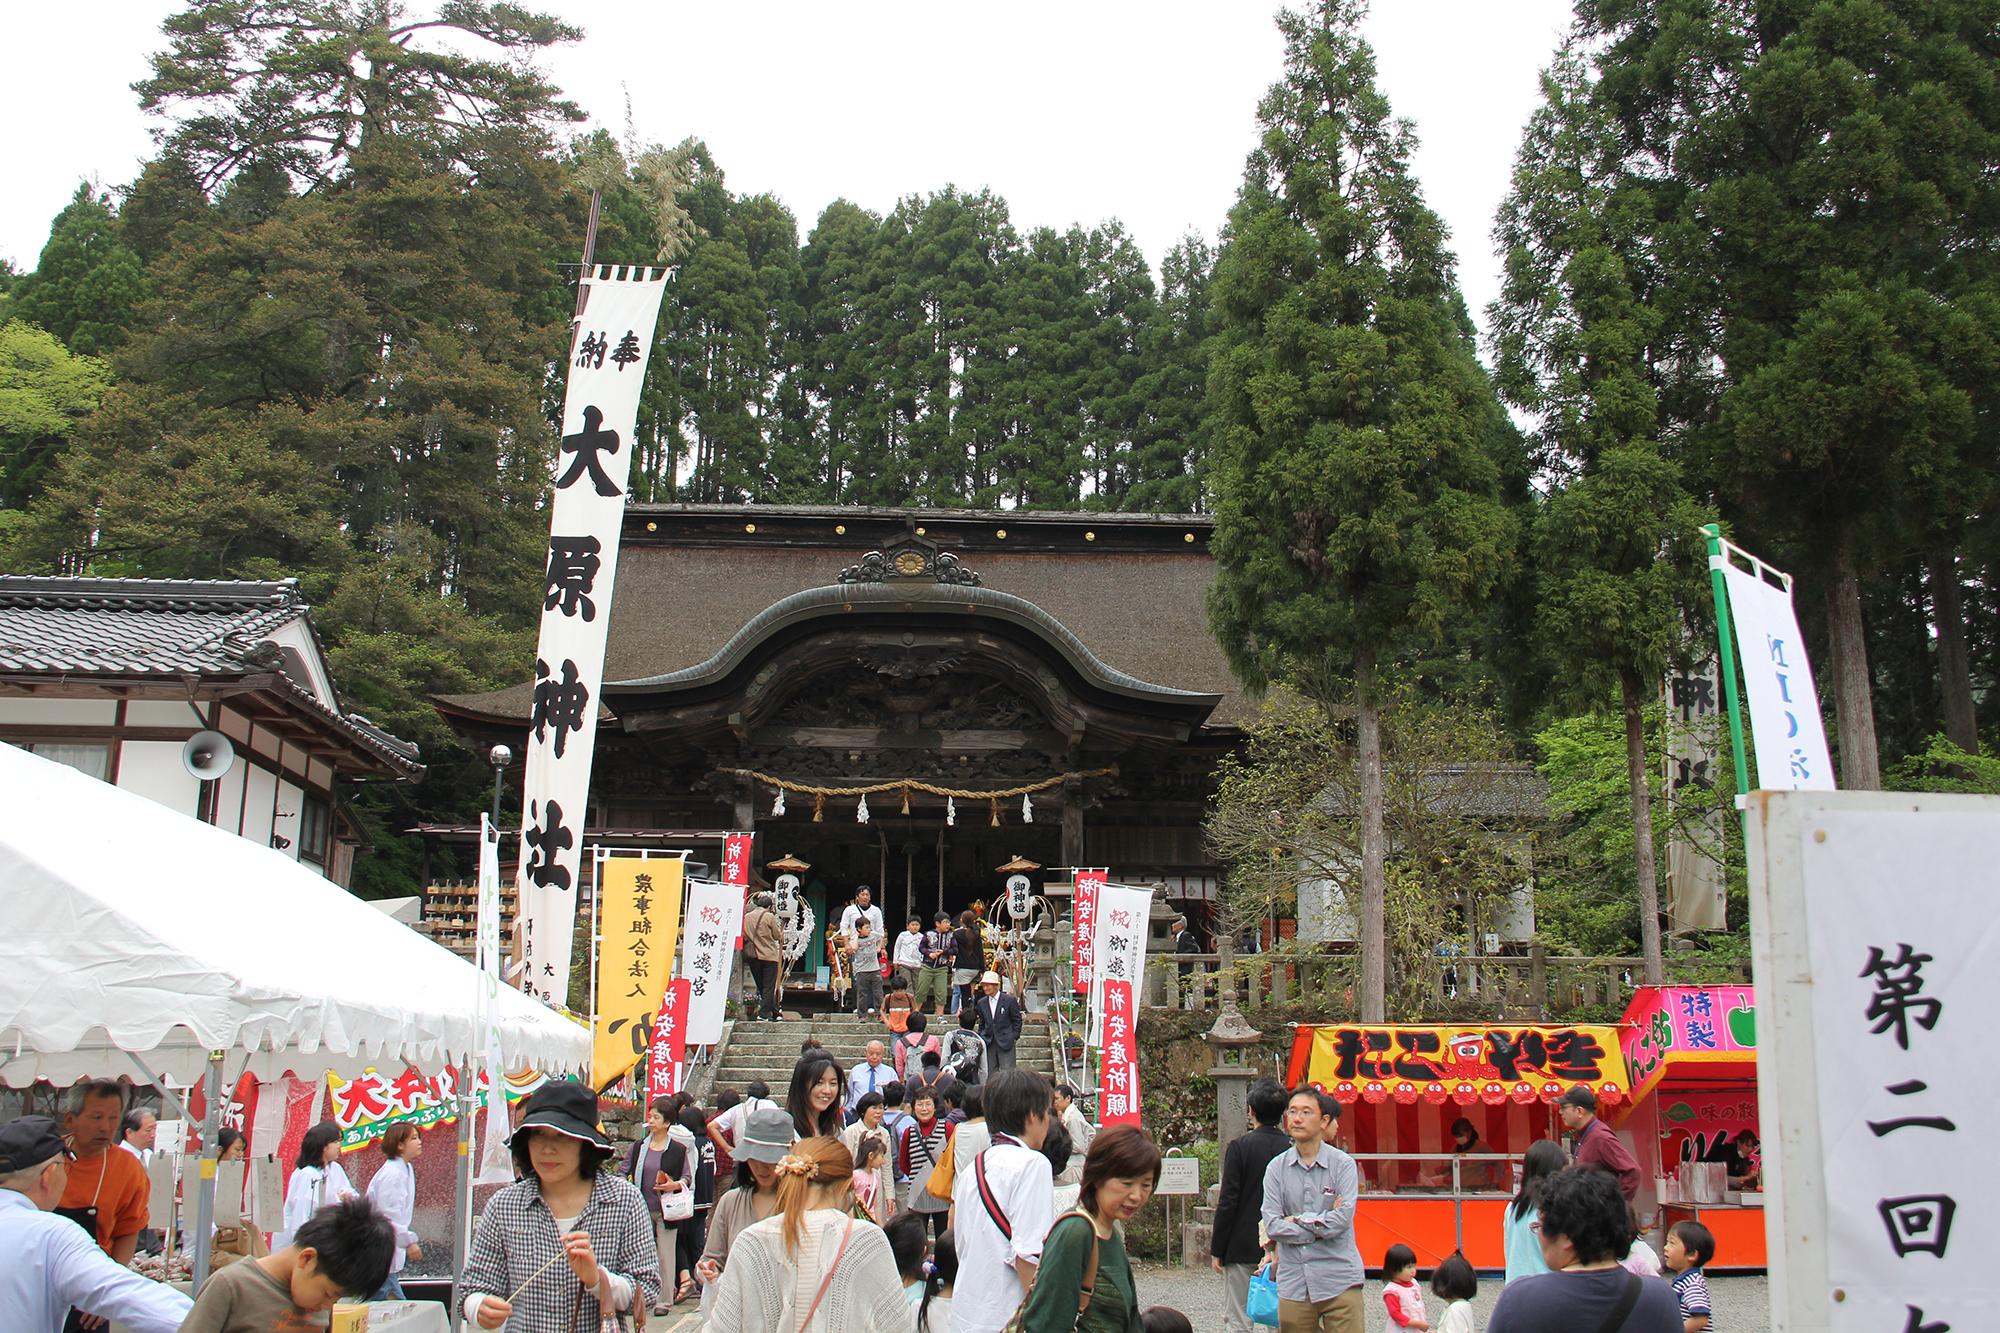 大原神社(おおばらじんじゃ)三和町